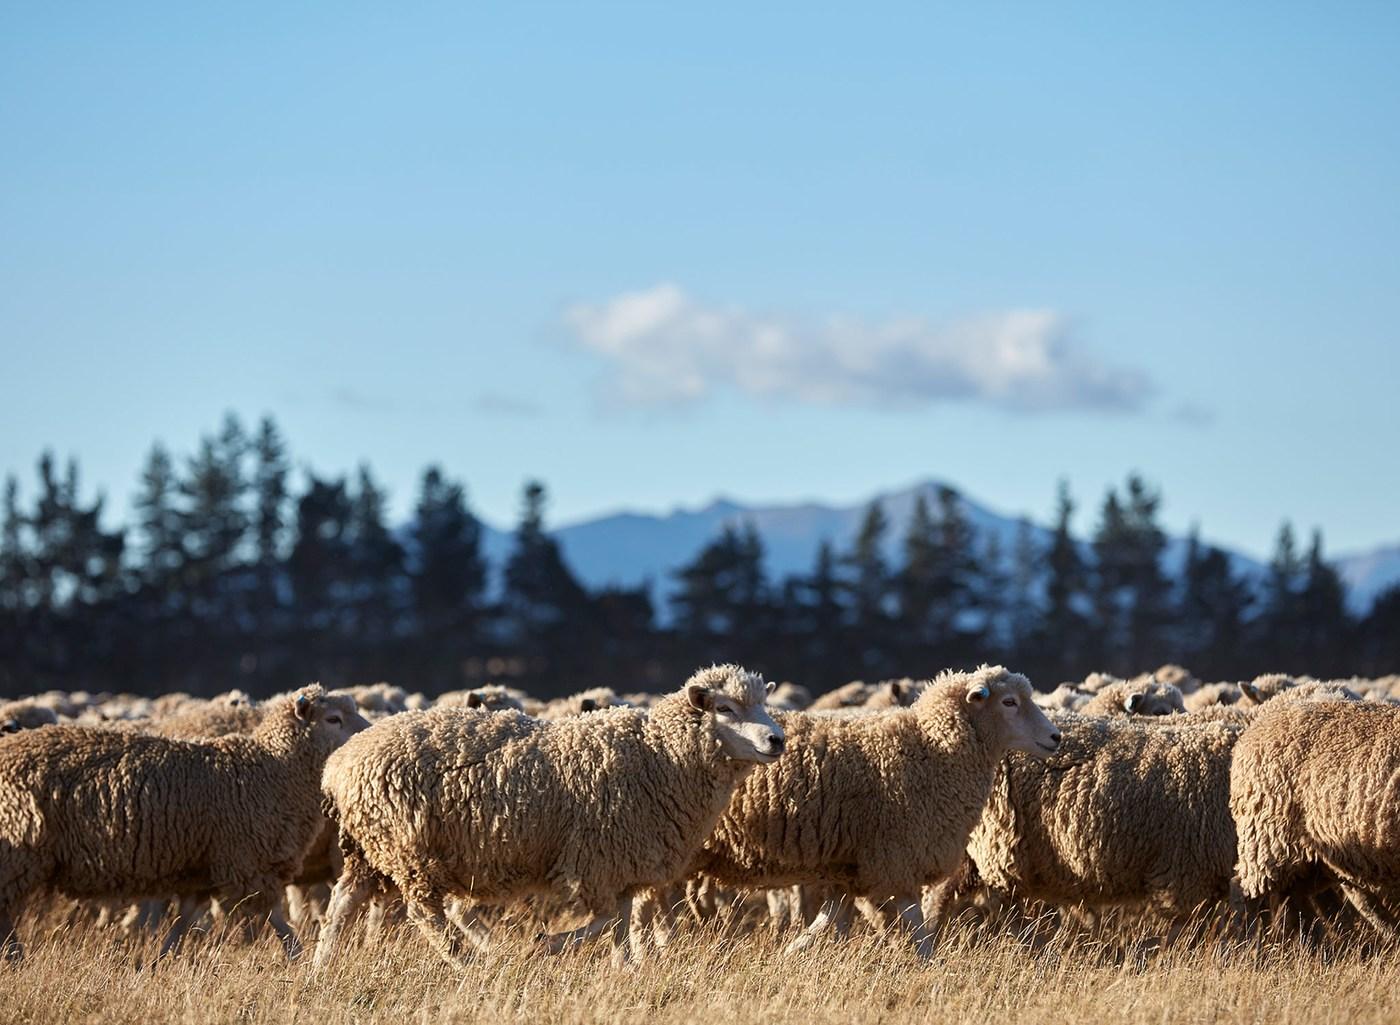 Des centaines de moutons en train de paître au soleil, avec des arbres et des montagnes en arrière-plan.